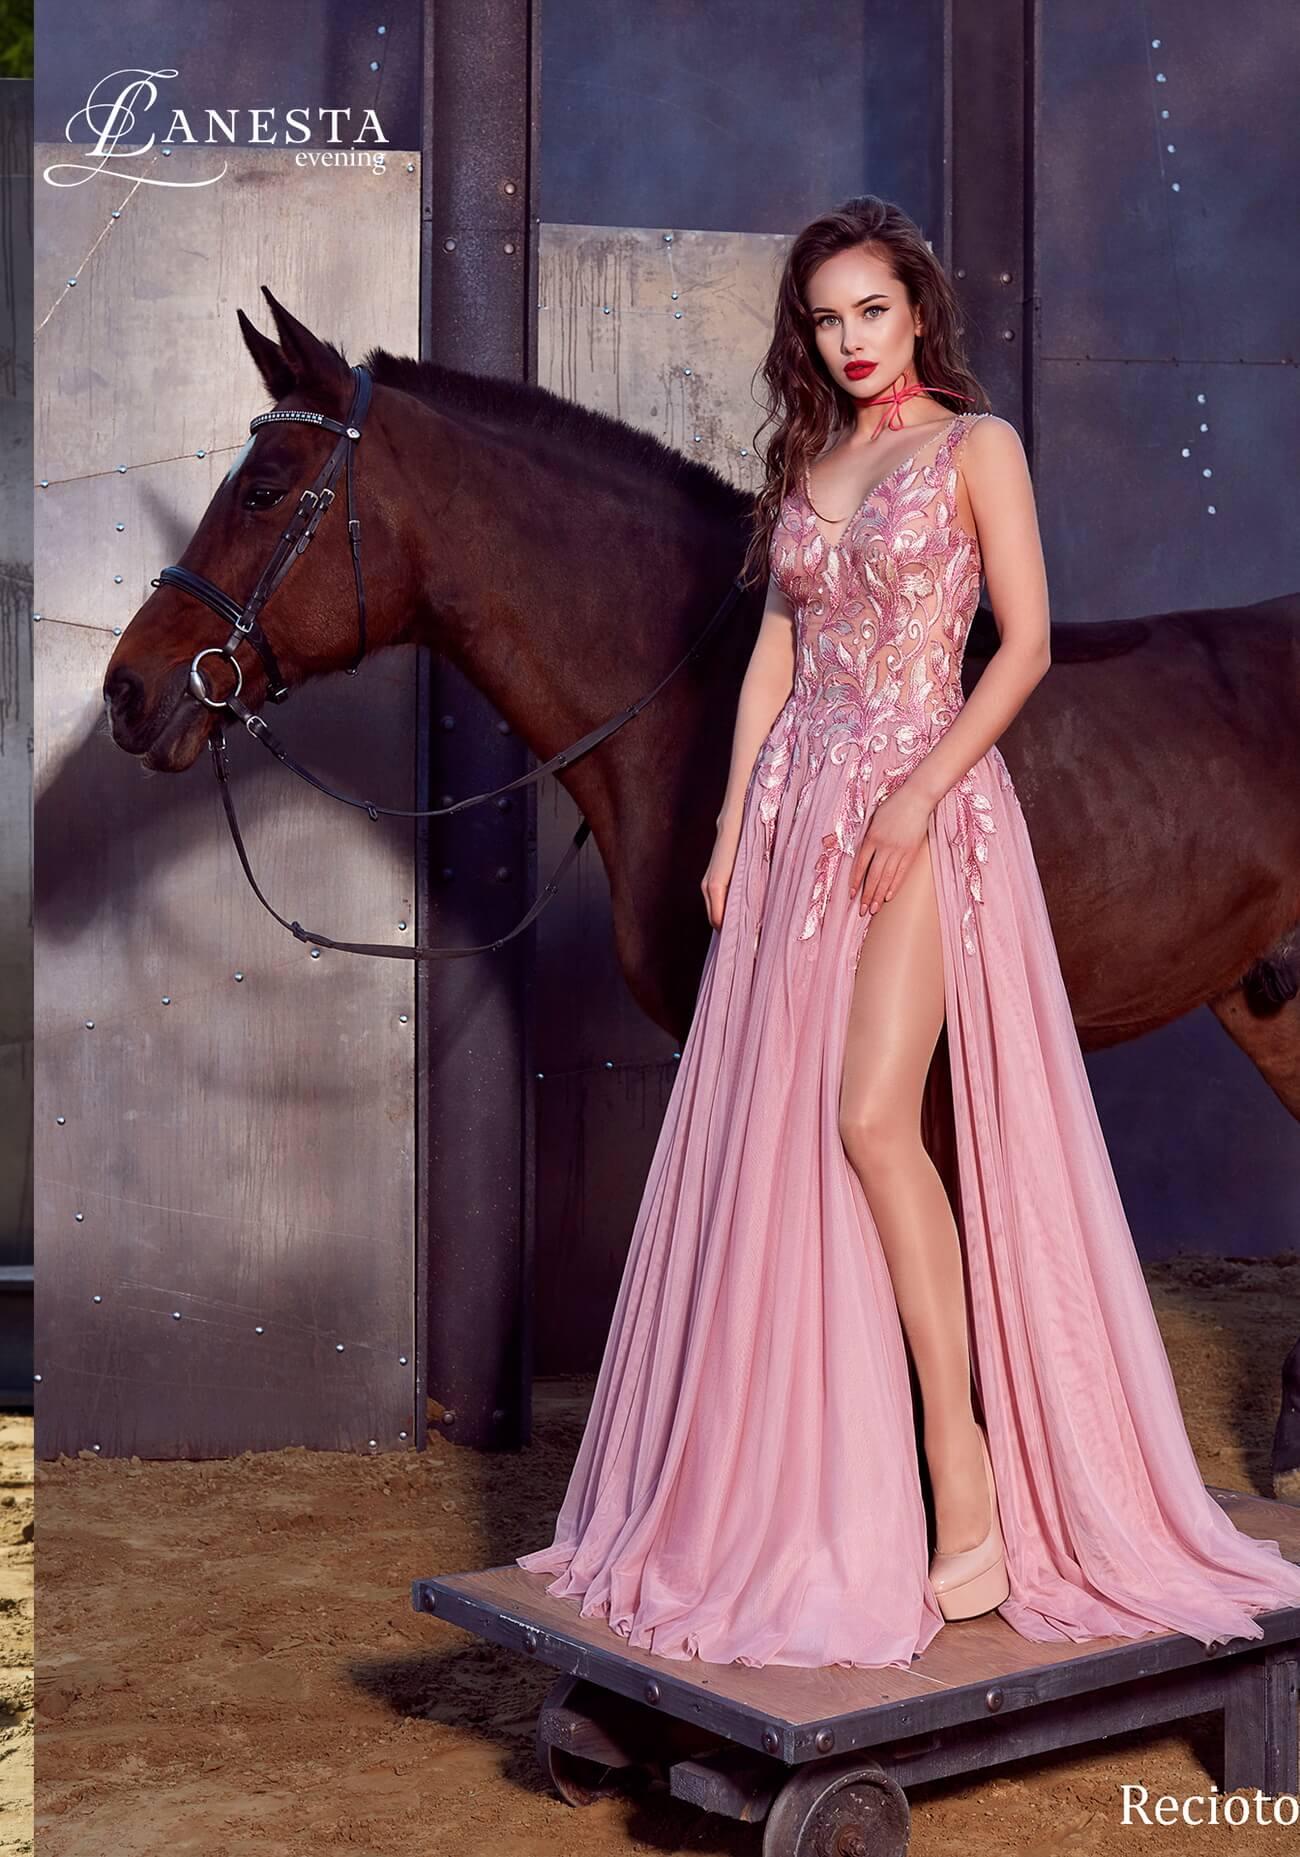 Вечірня сукня Recioto Lanesta